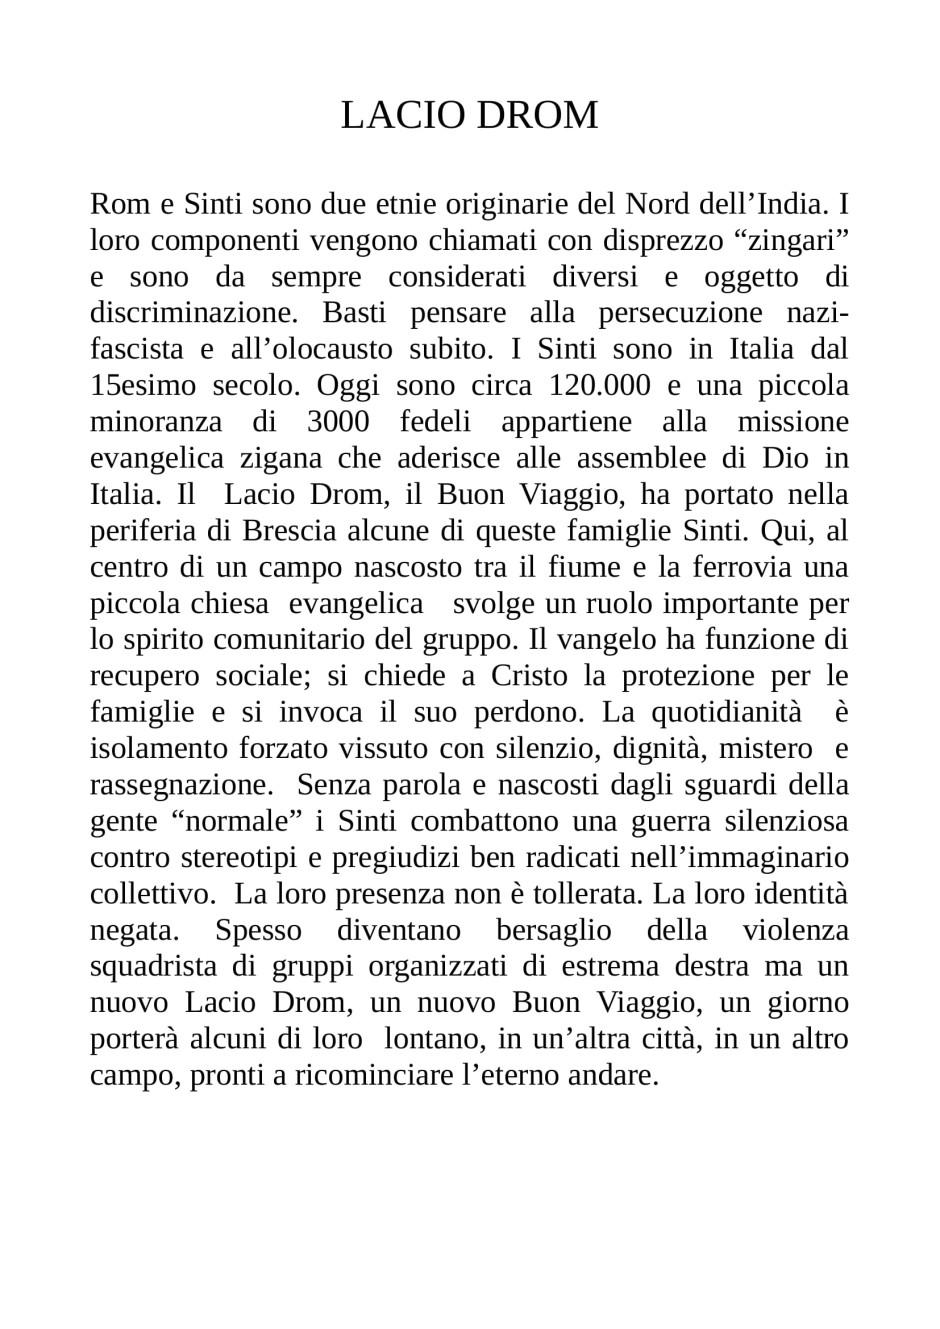 CLAUDIO RIZZINI-LACIO DROM-1